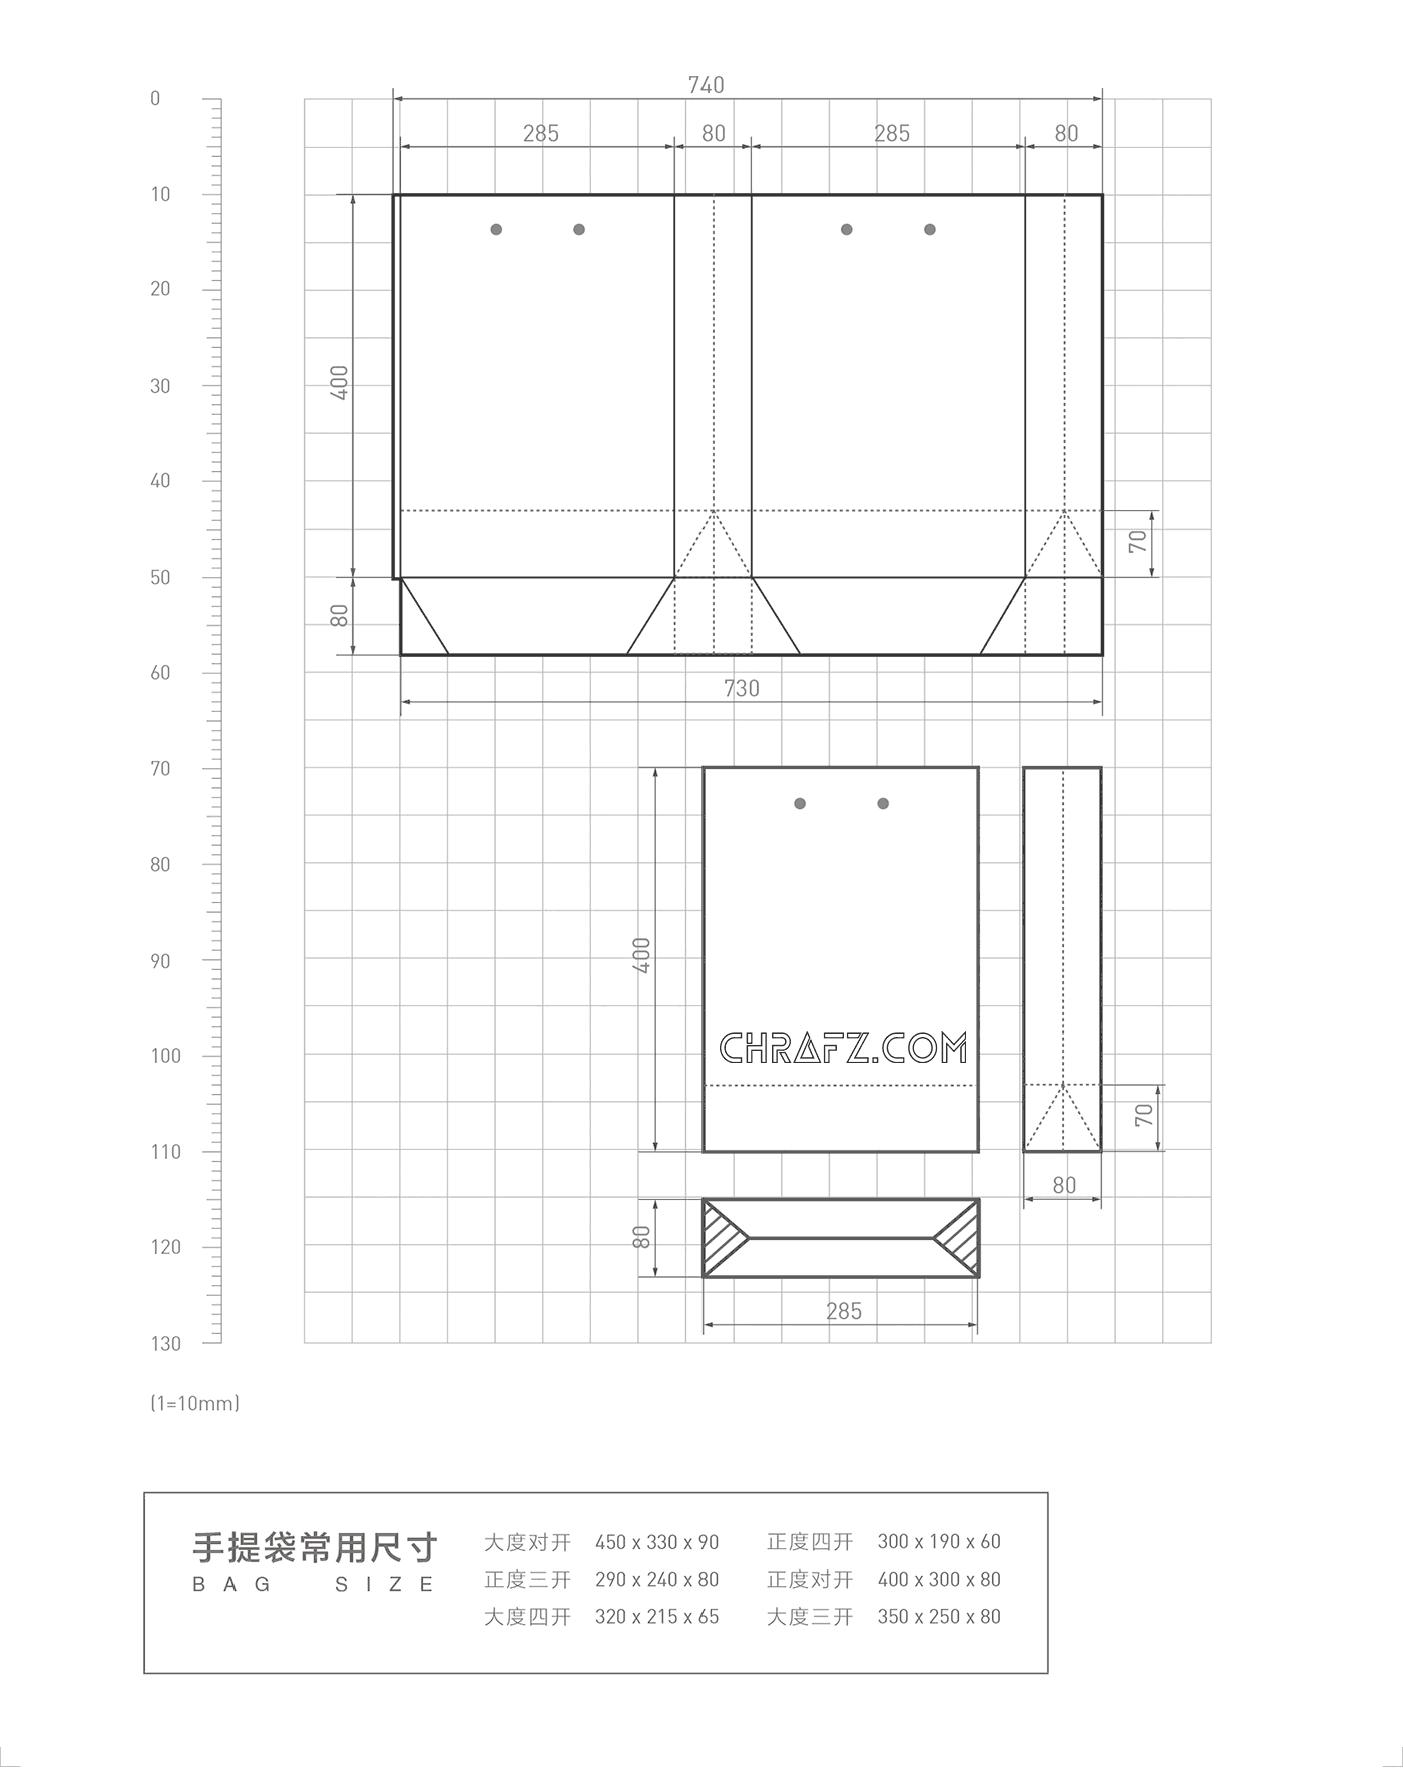 在设计中手挽袋尺寸的规范-设计-张弦先生-chrafz.com